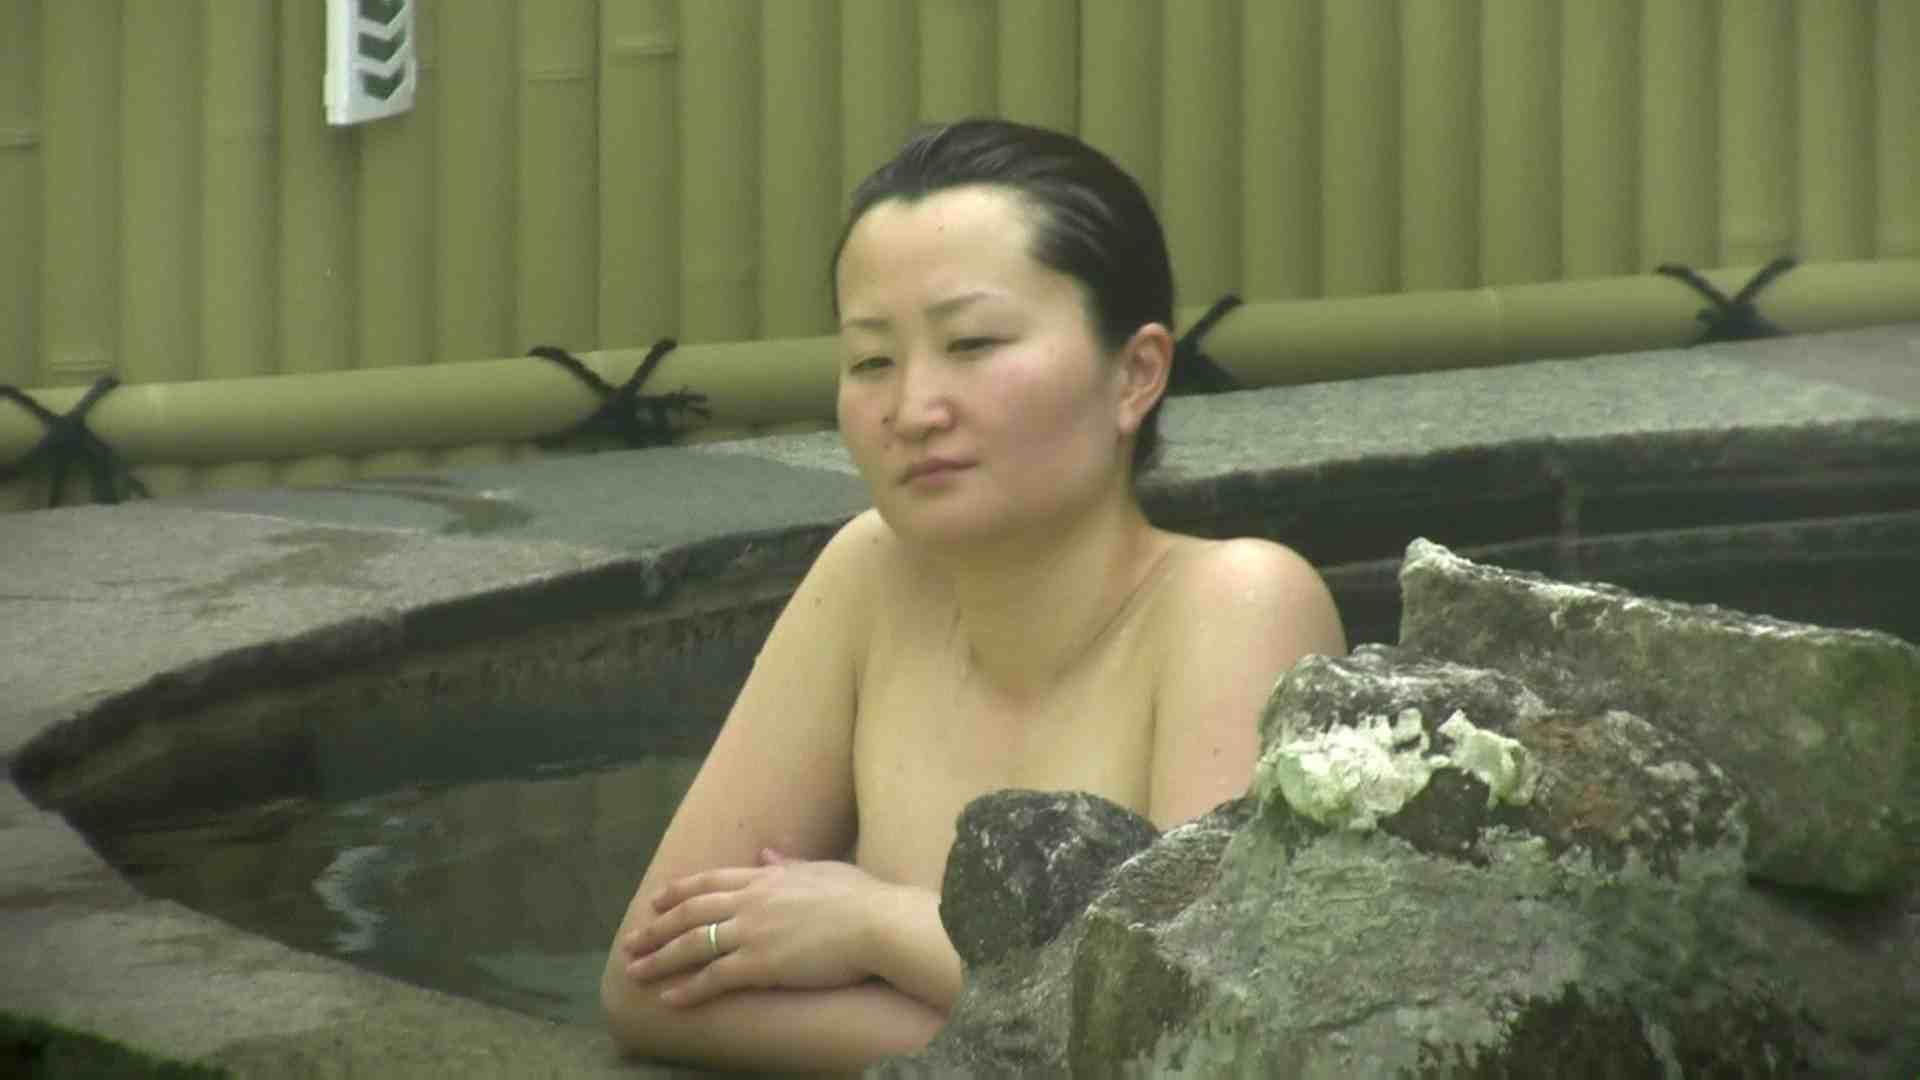 Aquaな露天風呂Vol.632 女体盗撮 | 露天  75連発 16